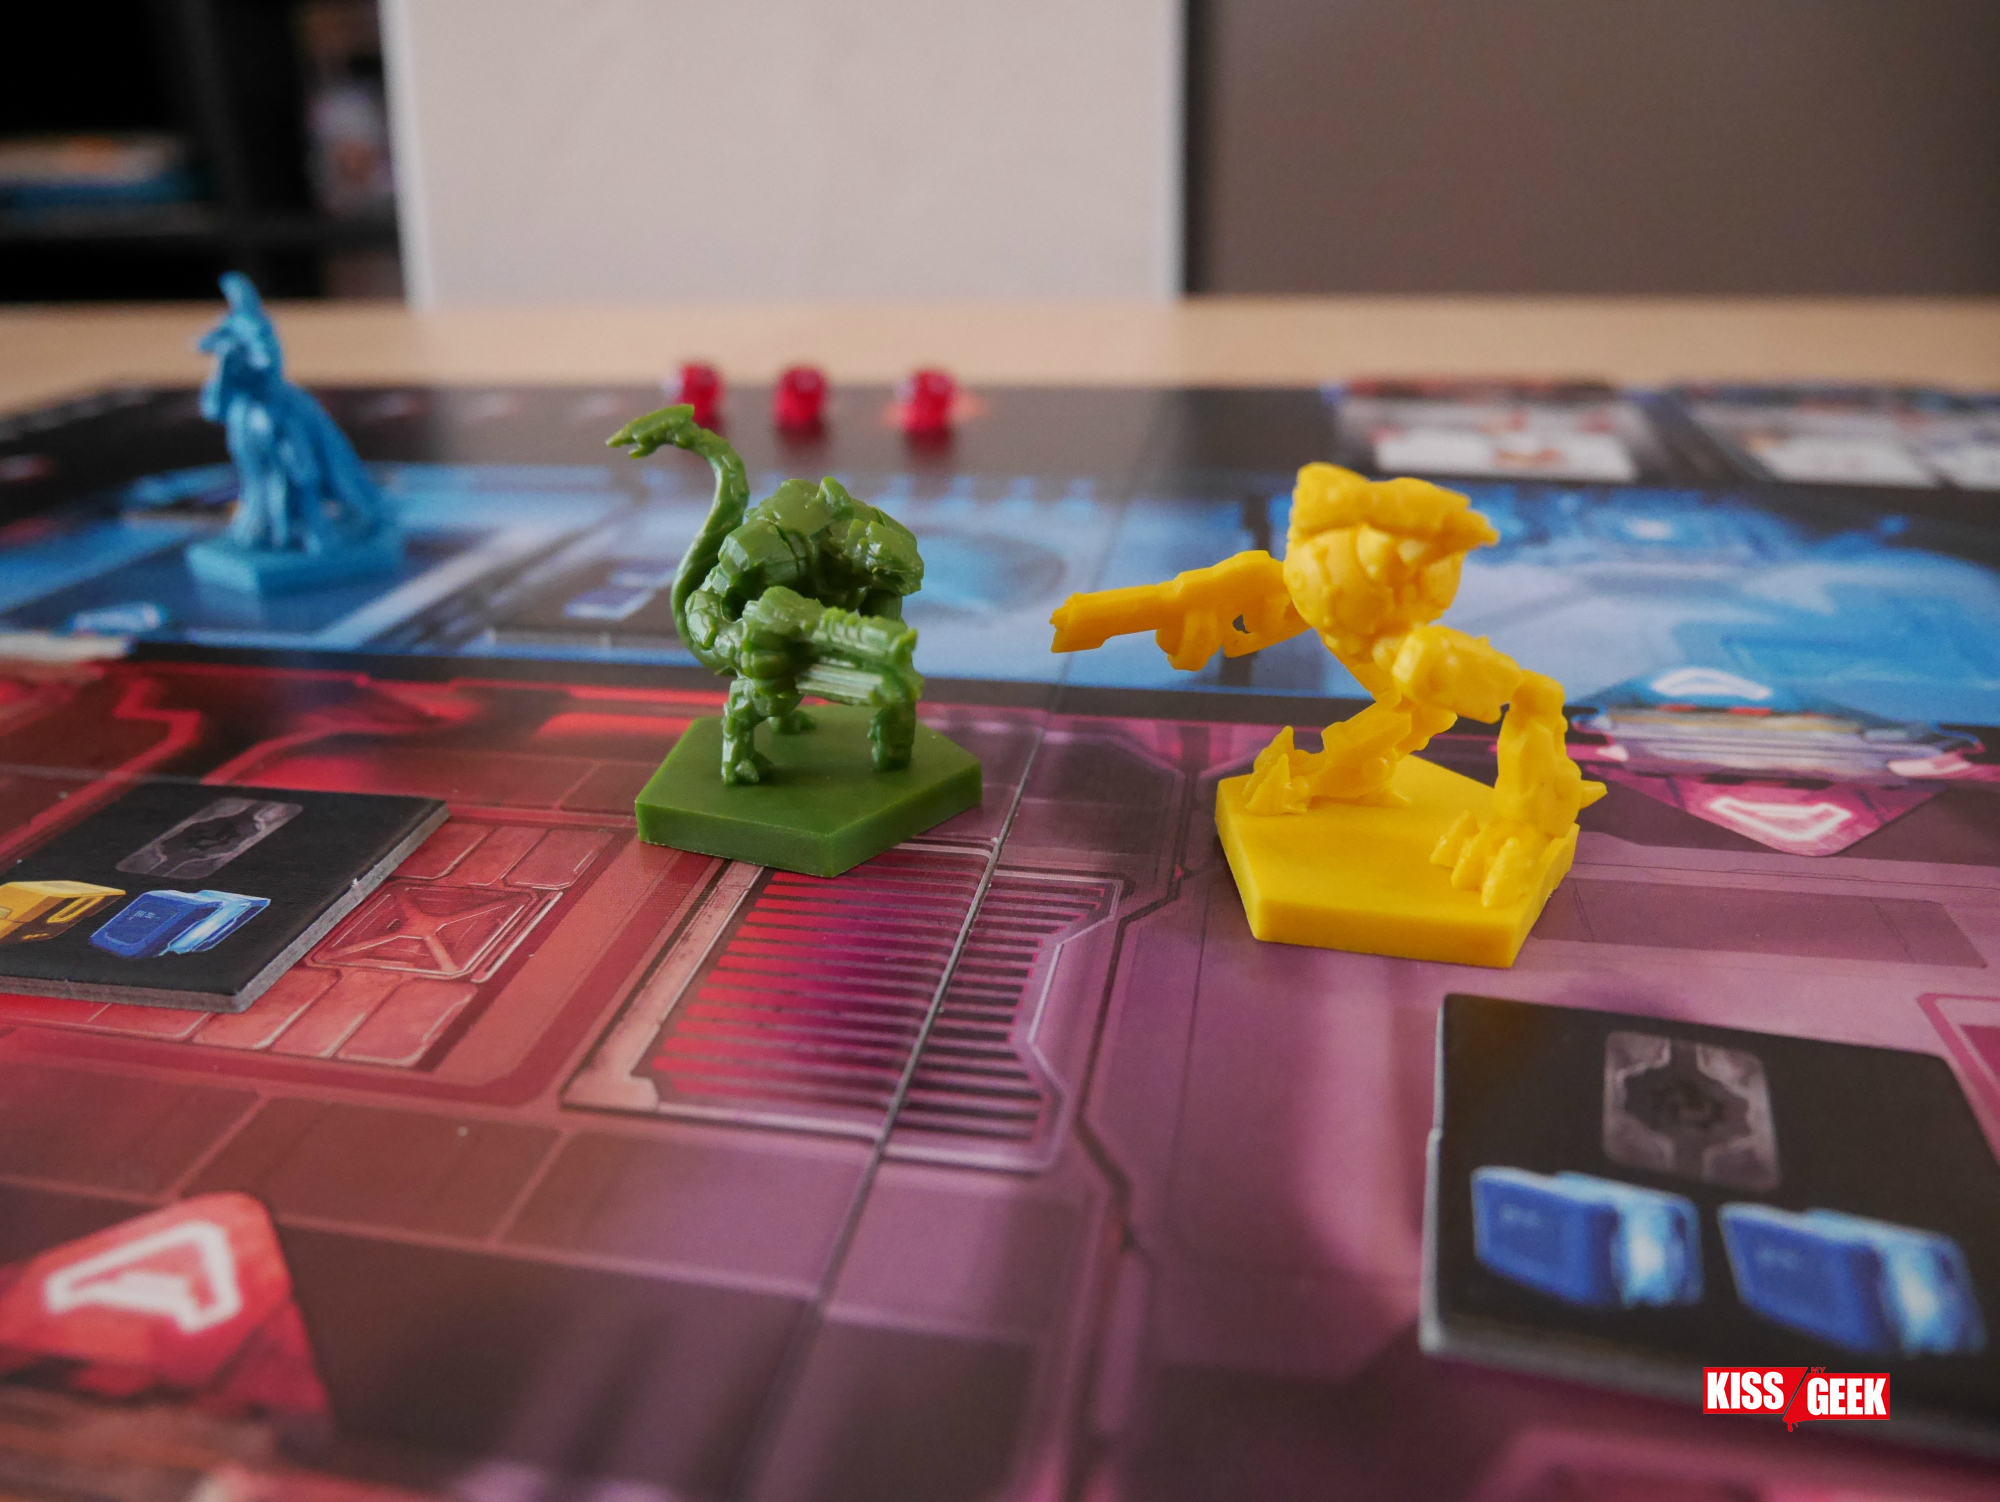 Lézard contre robot bizarre entre Pac-Man, un smiley et une machine à tuer.